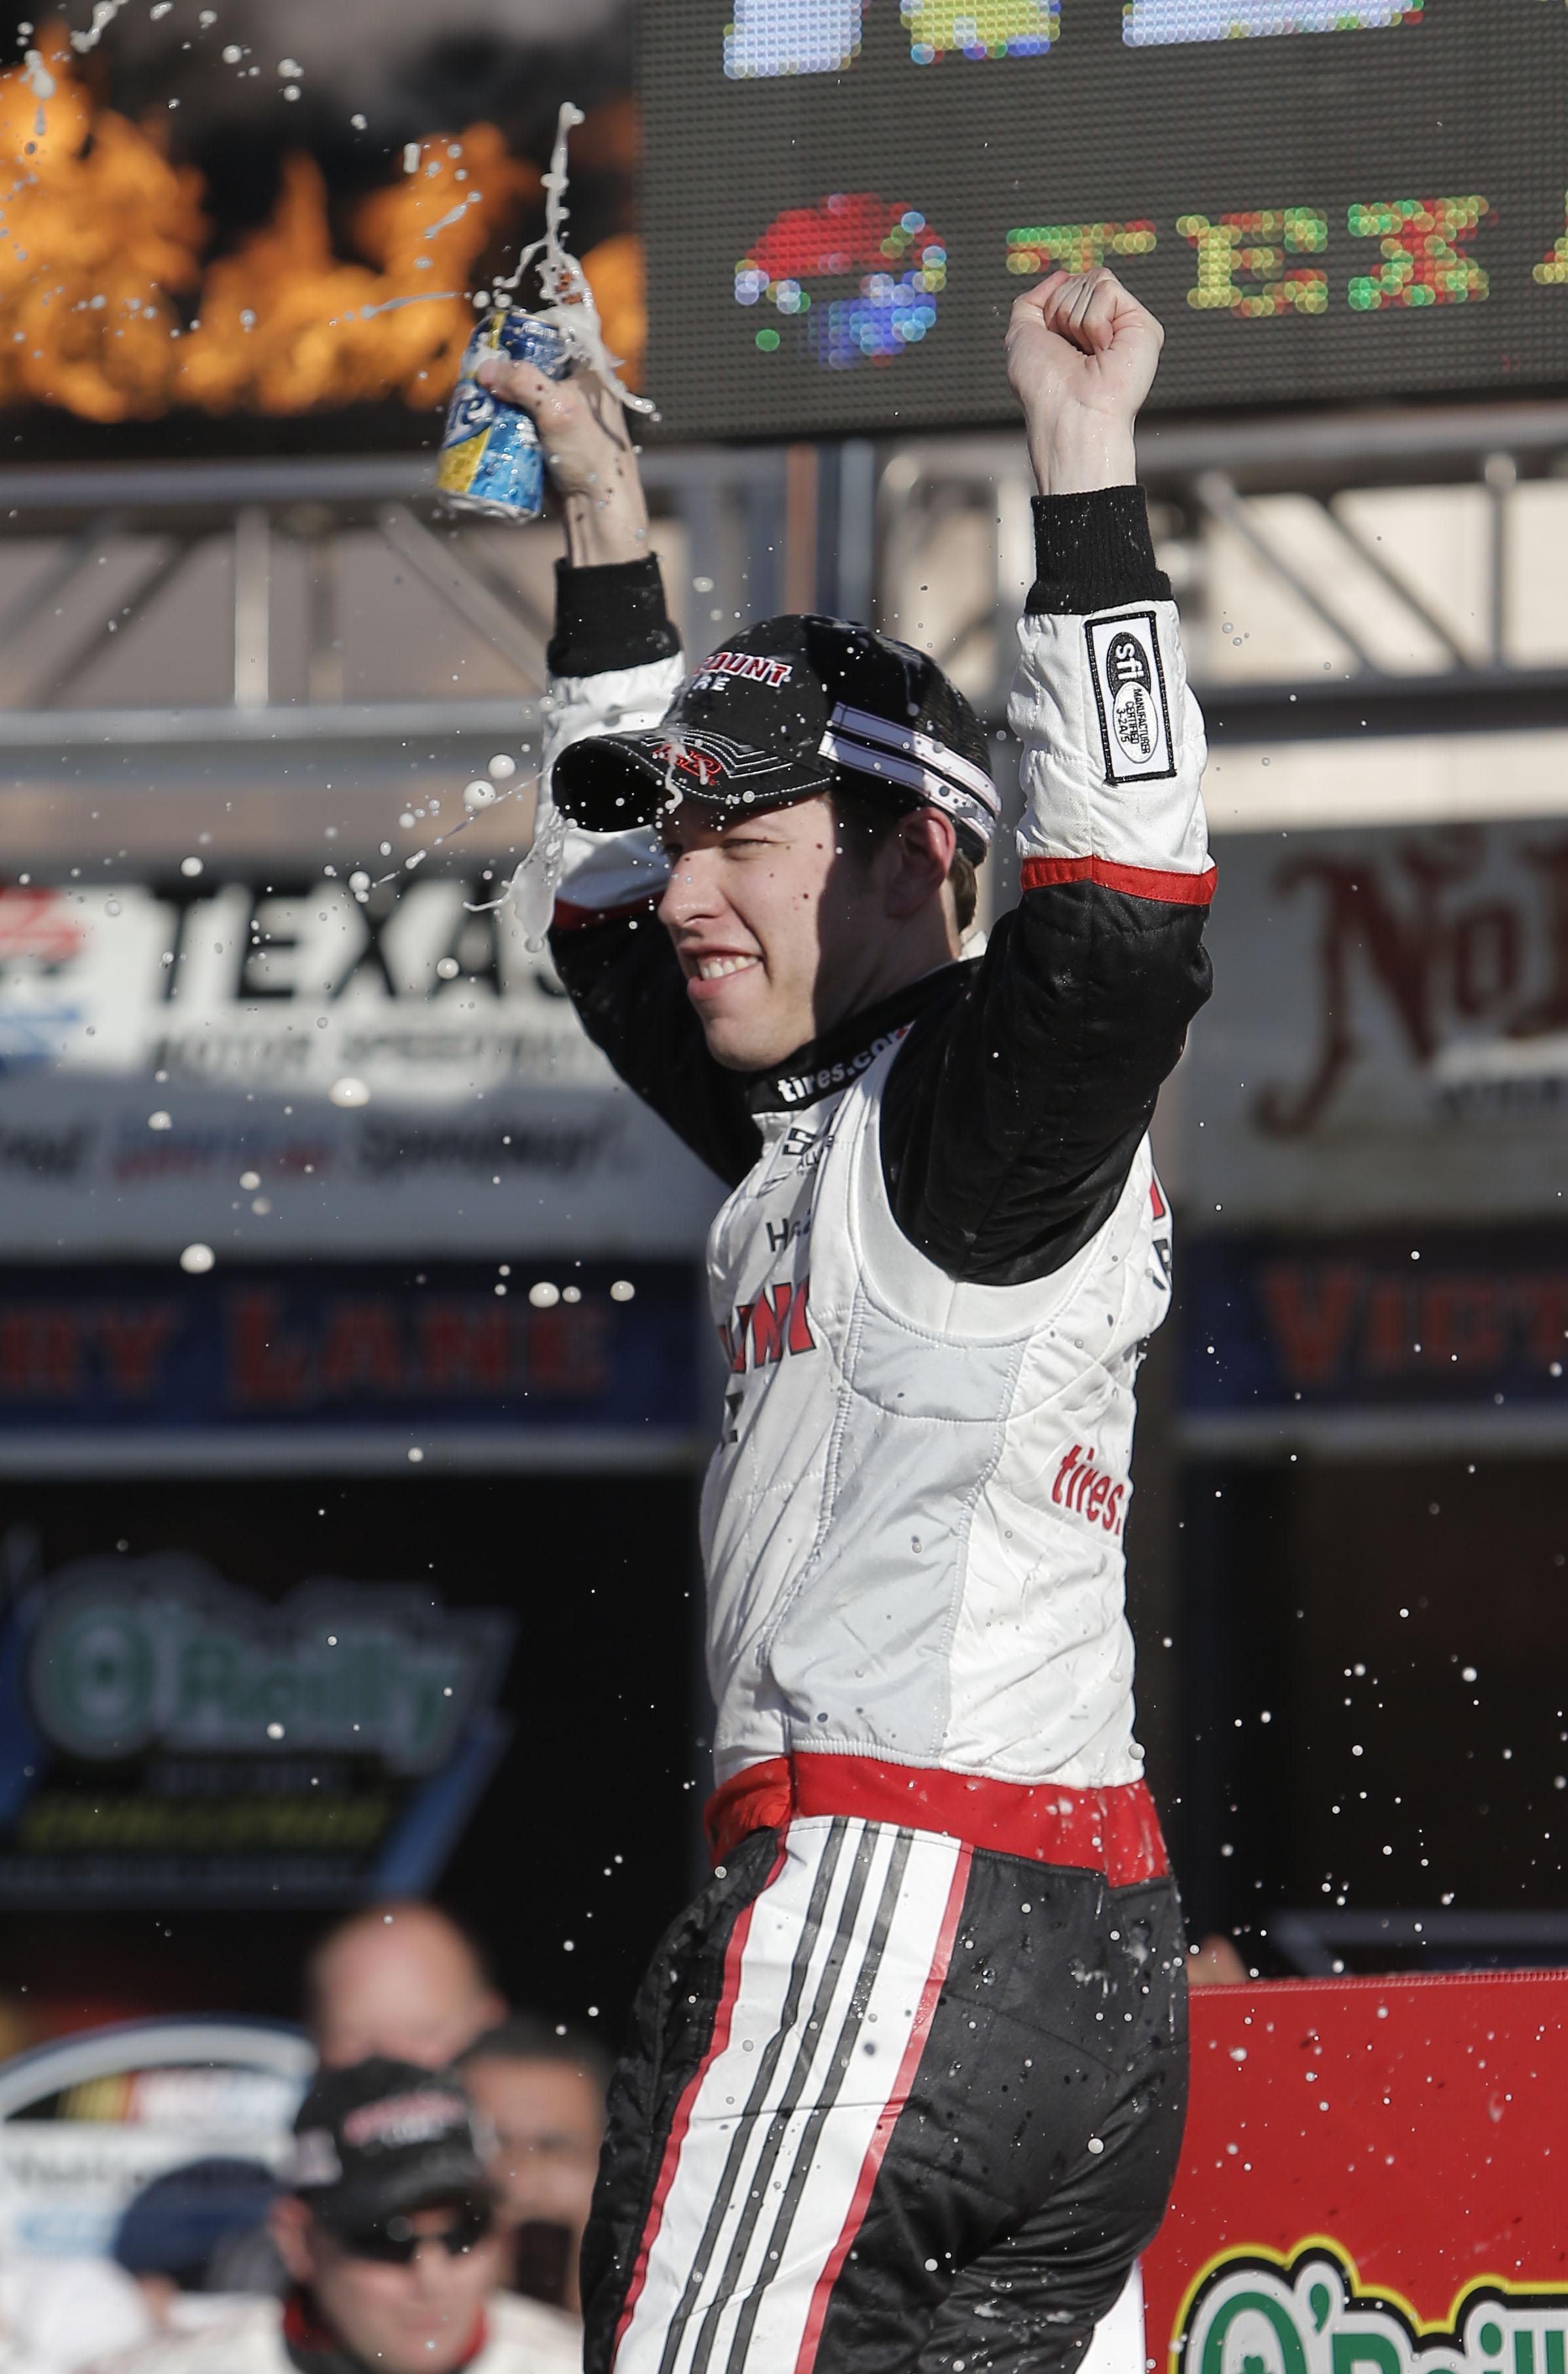 Keselowski wins Nationwide race at Texas